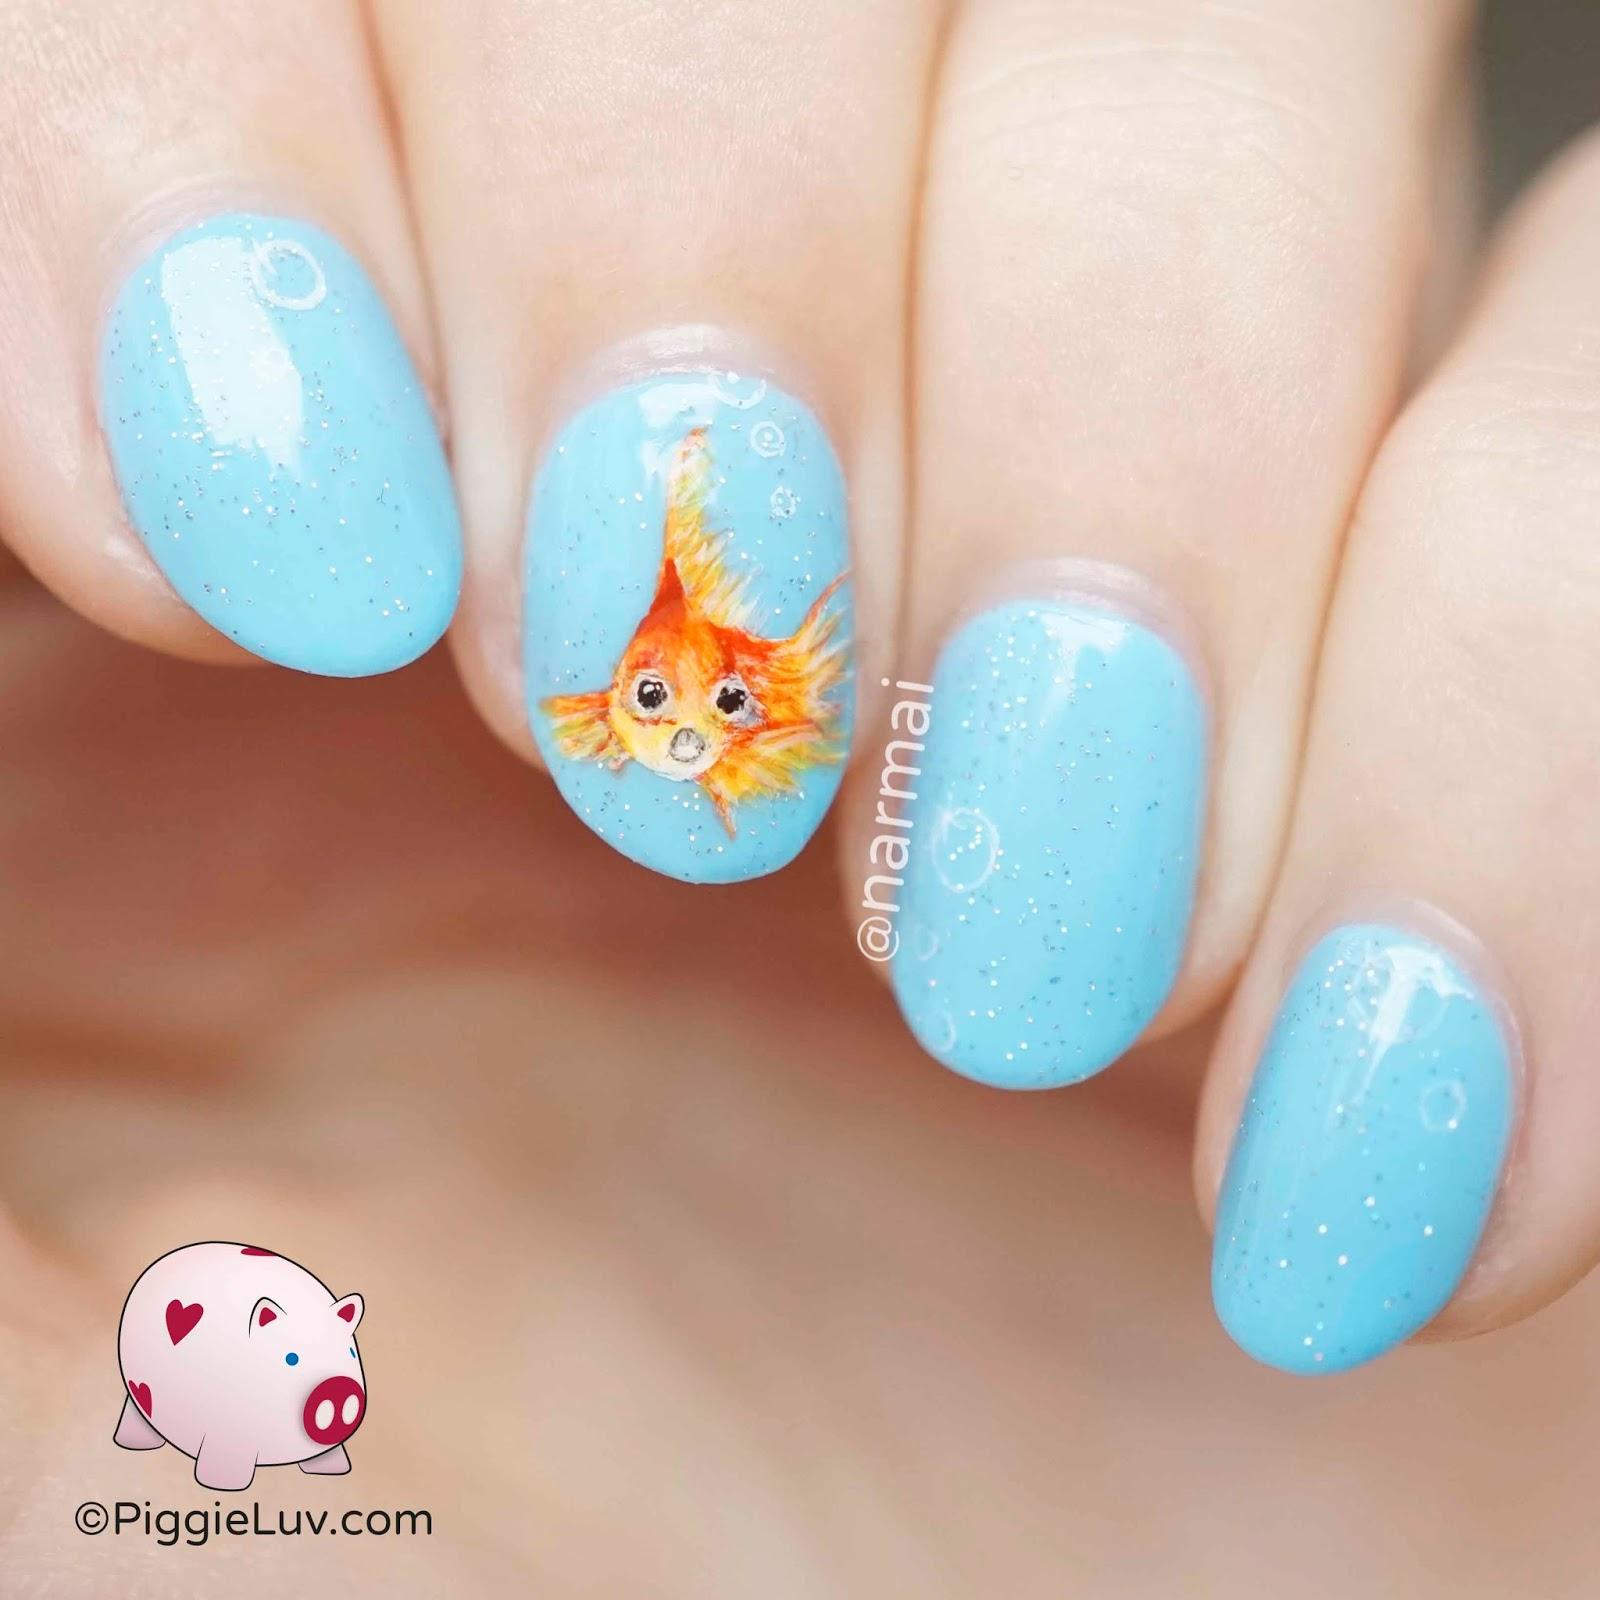 Piggieluv Rainbow Bubbles Nail Art: PiggieLuv: Goldfish Nail Art